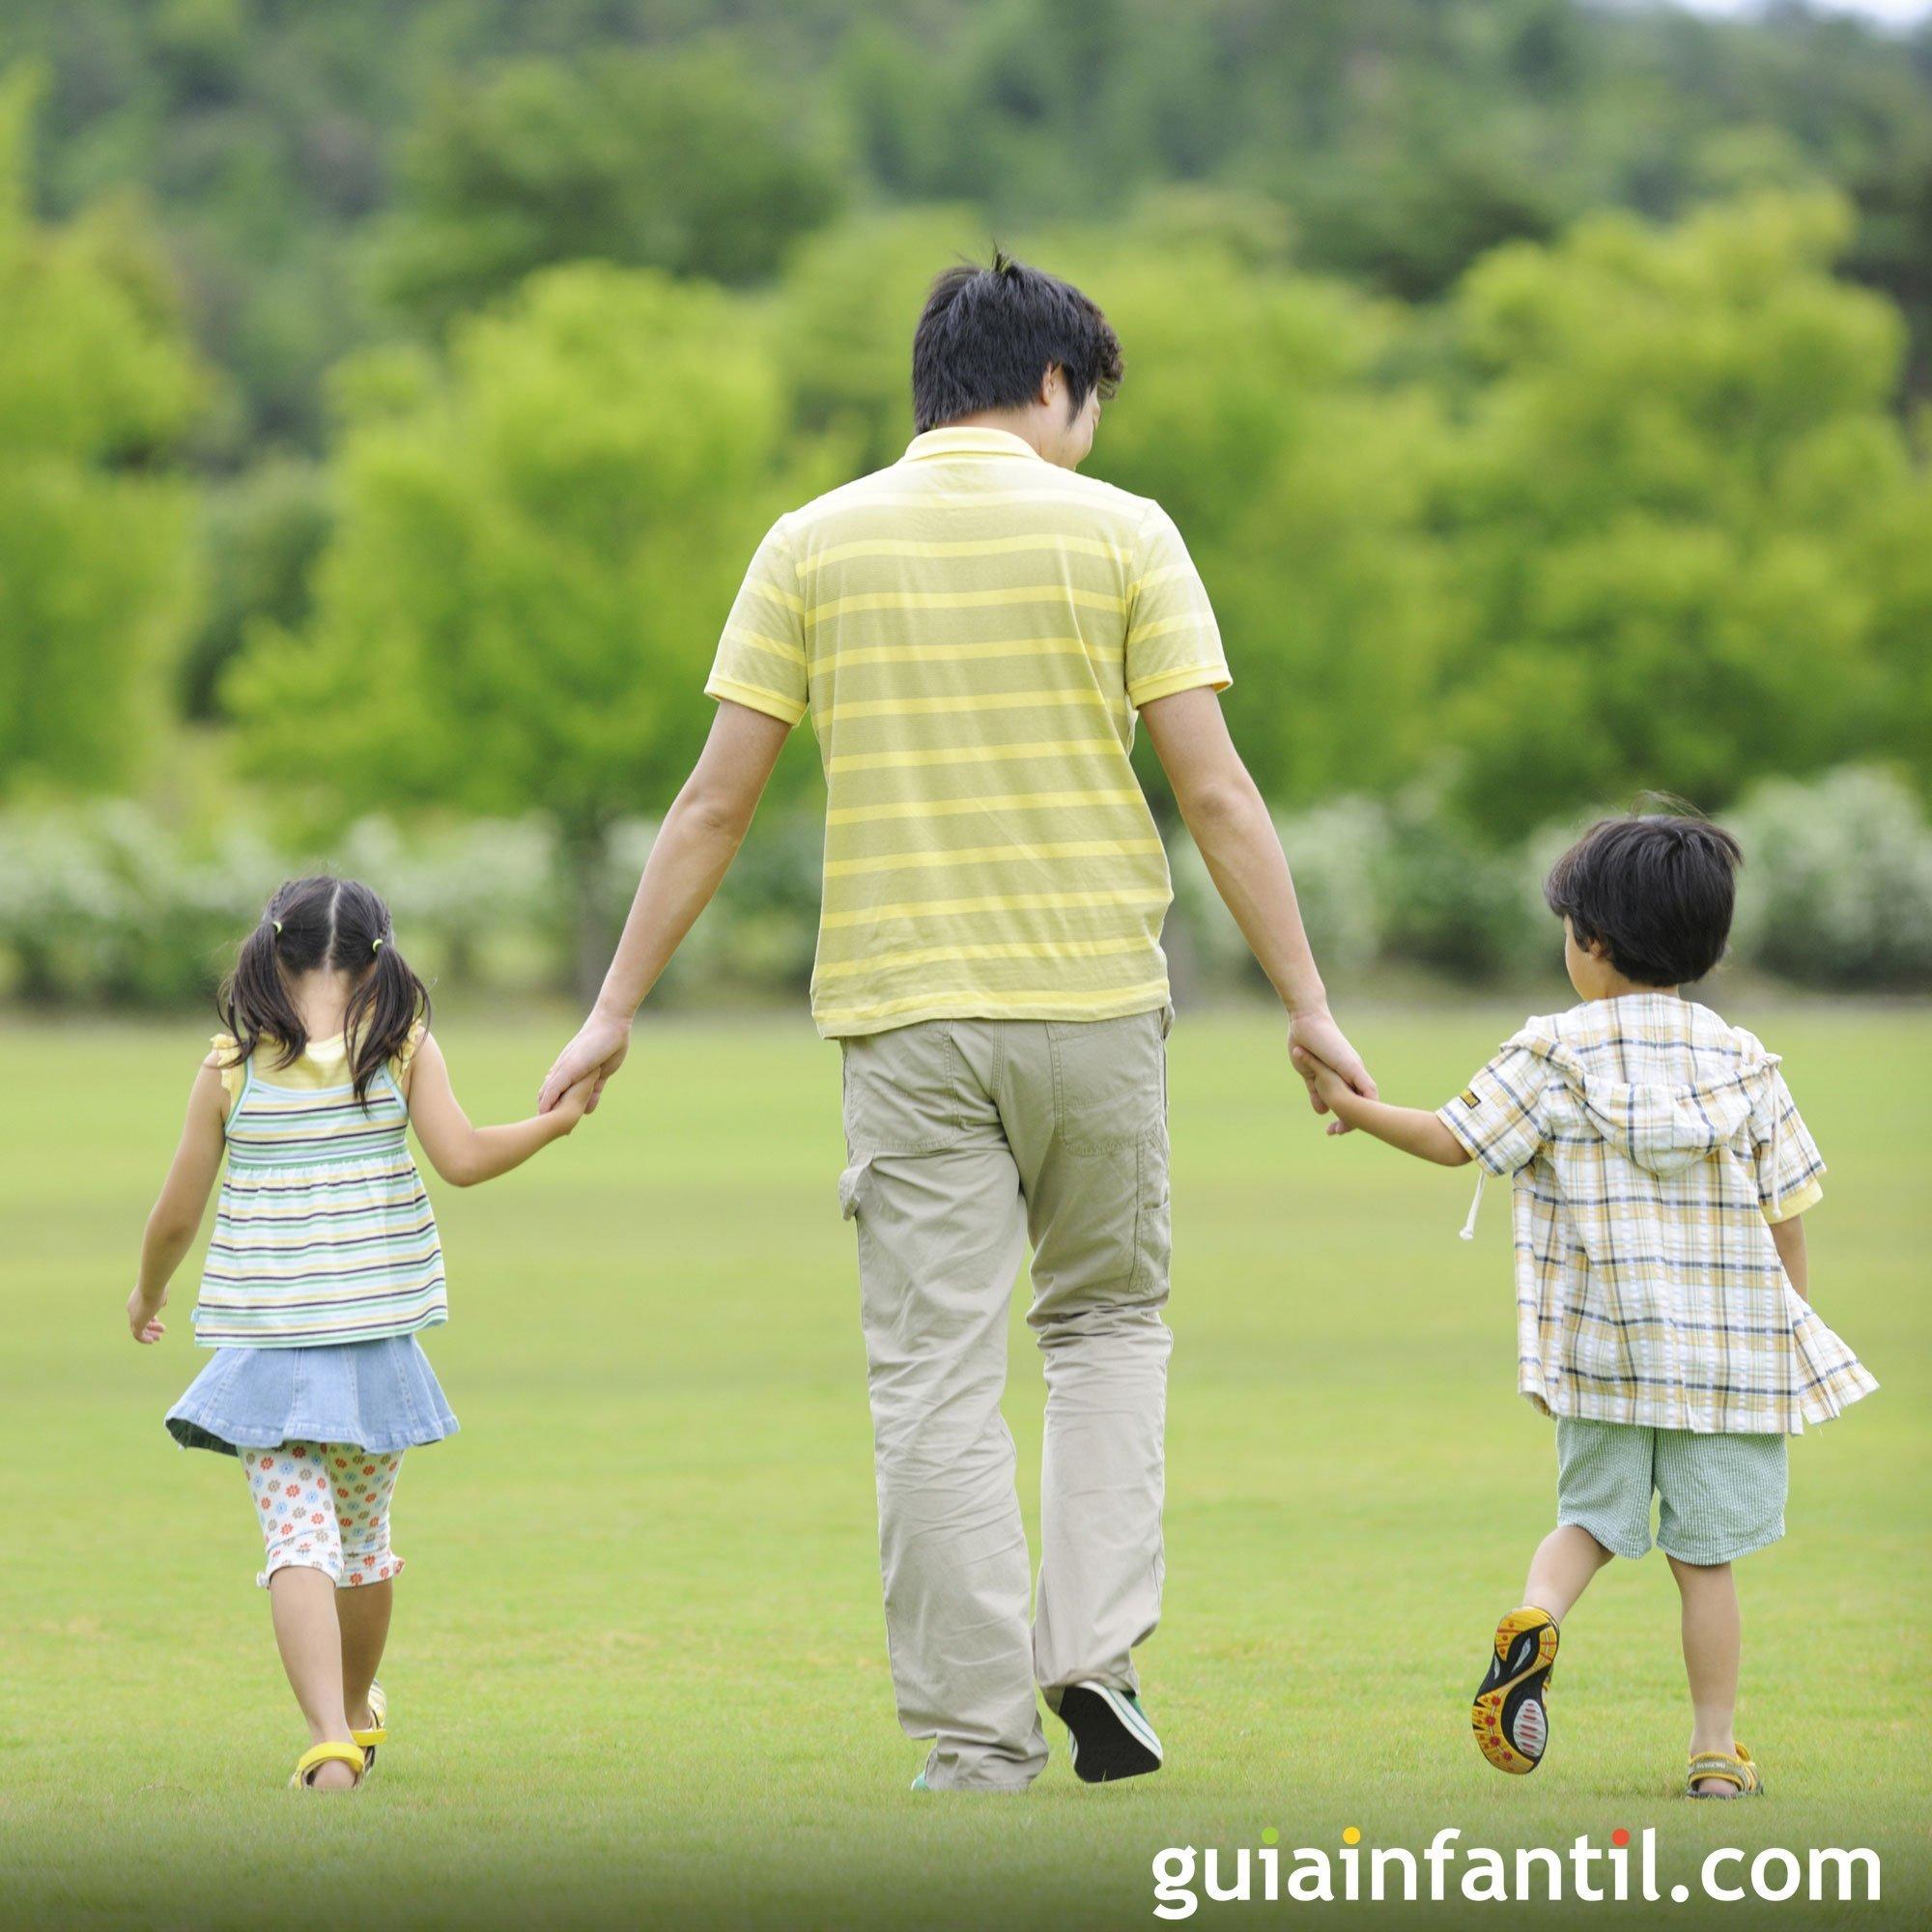 Un paseo en familia. Fotos para papá